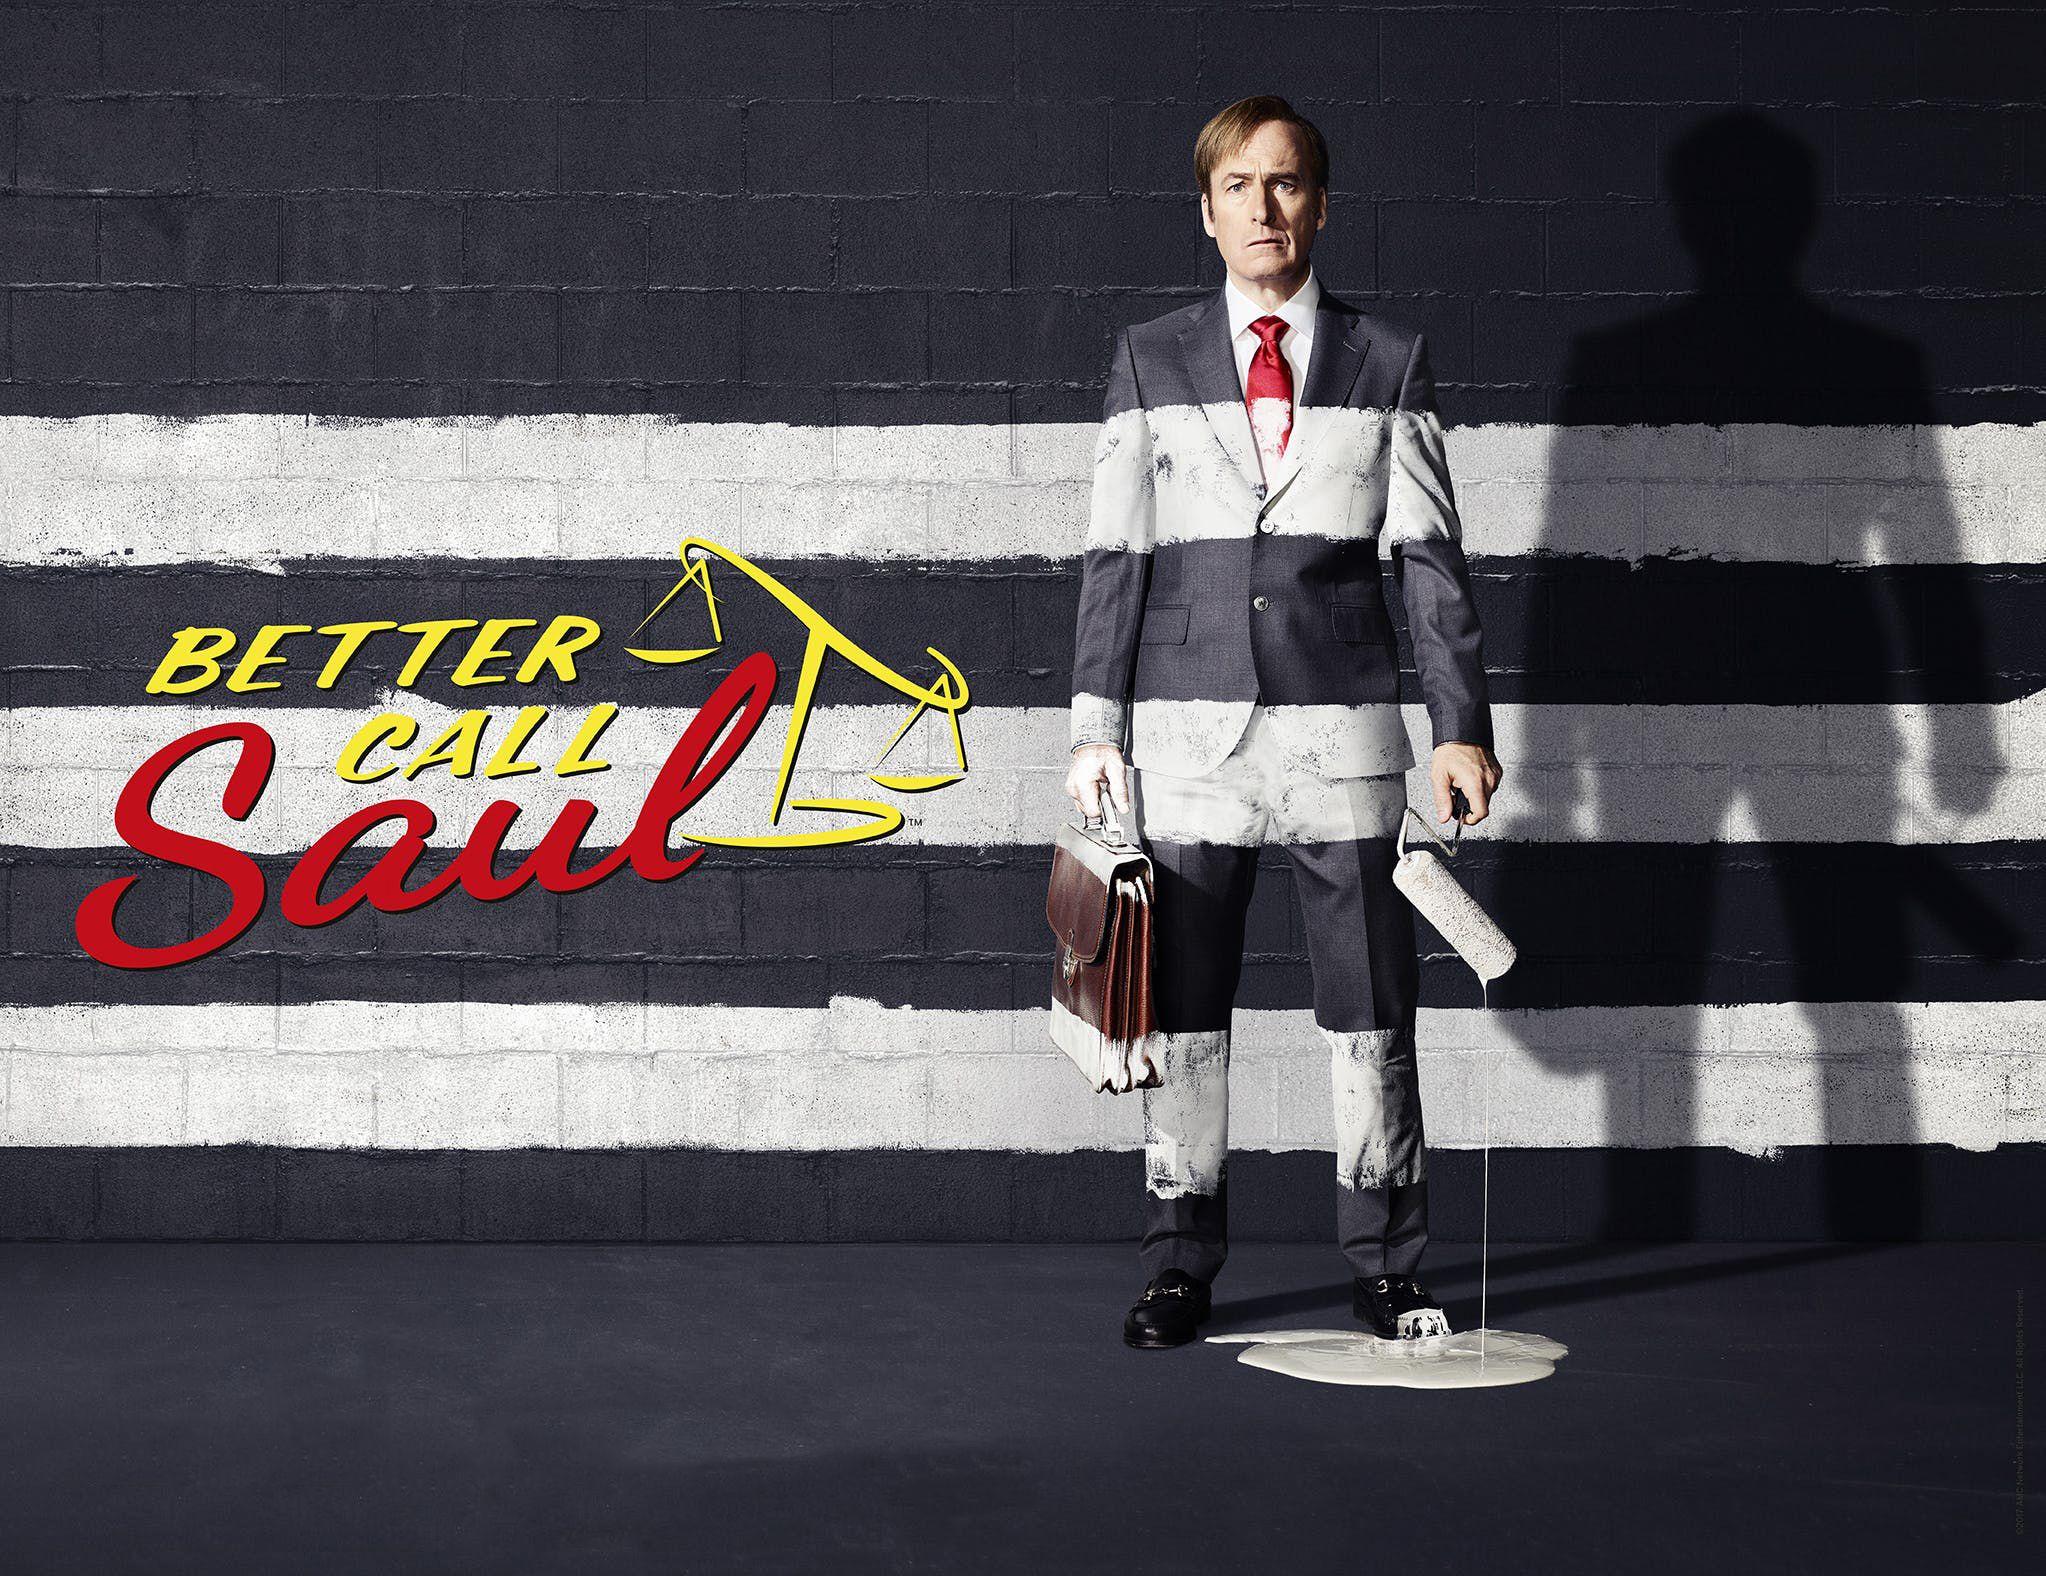 Better Call Saul Wallpapers   Top Better Call Saul 2046x1576